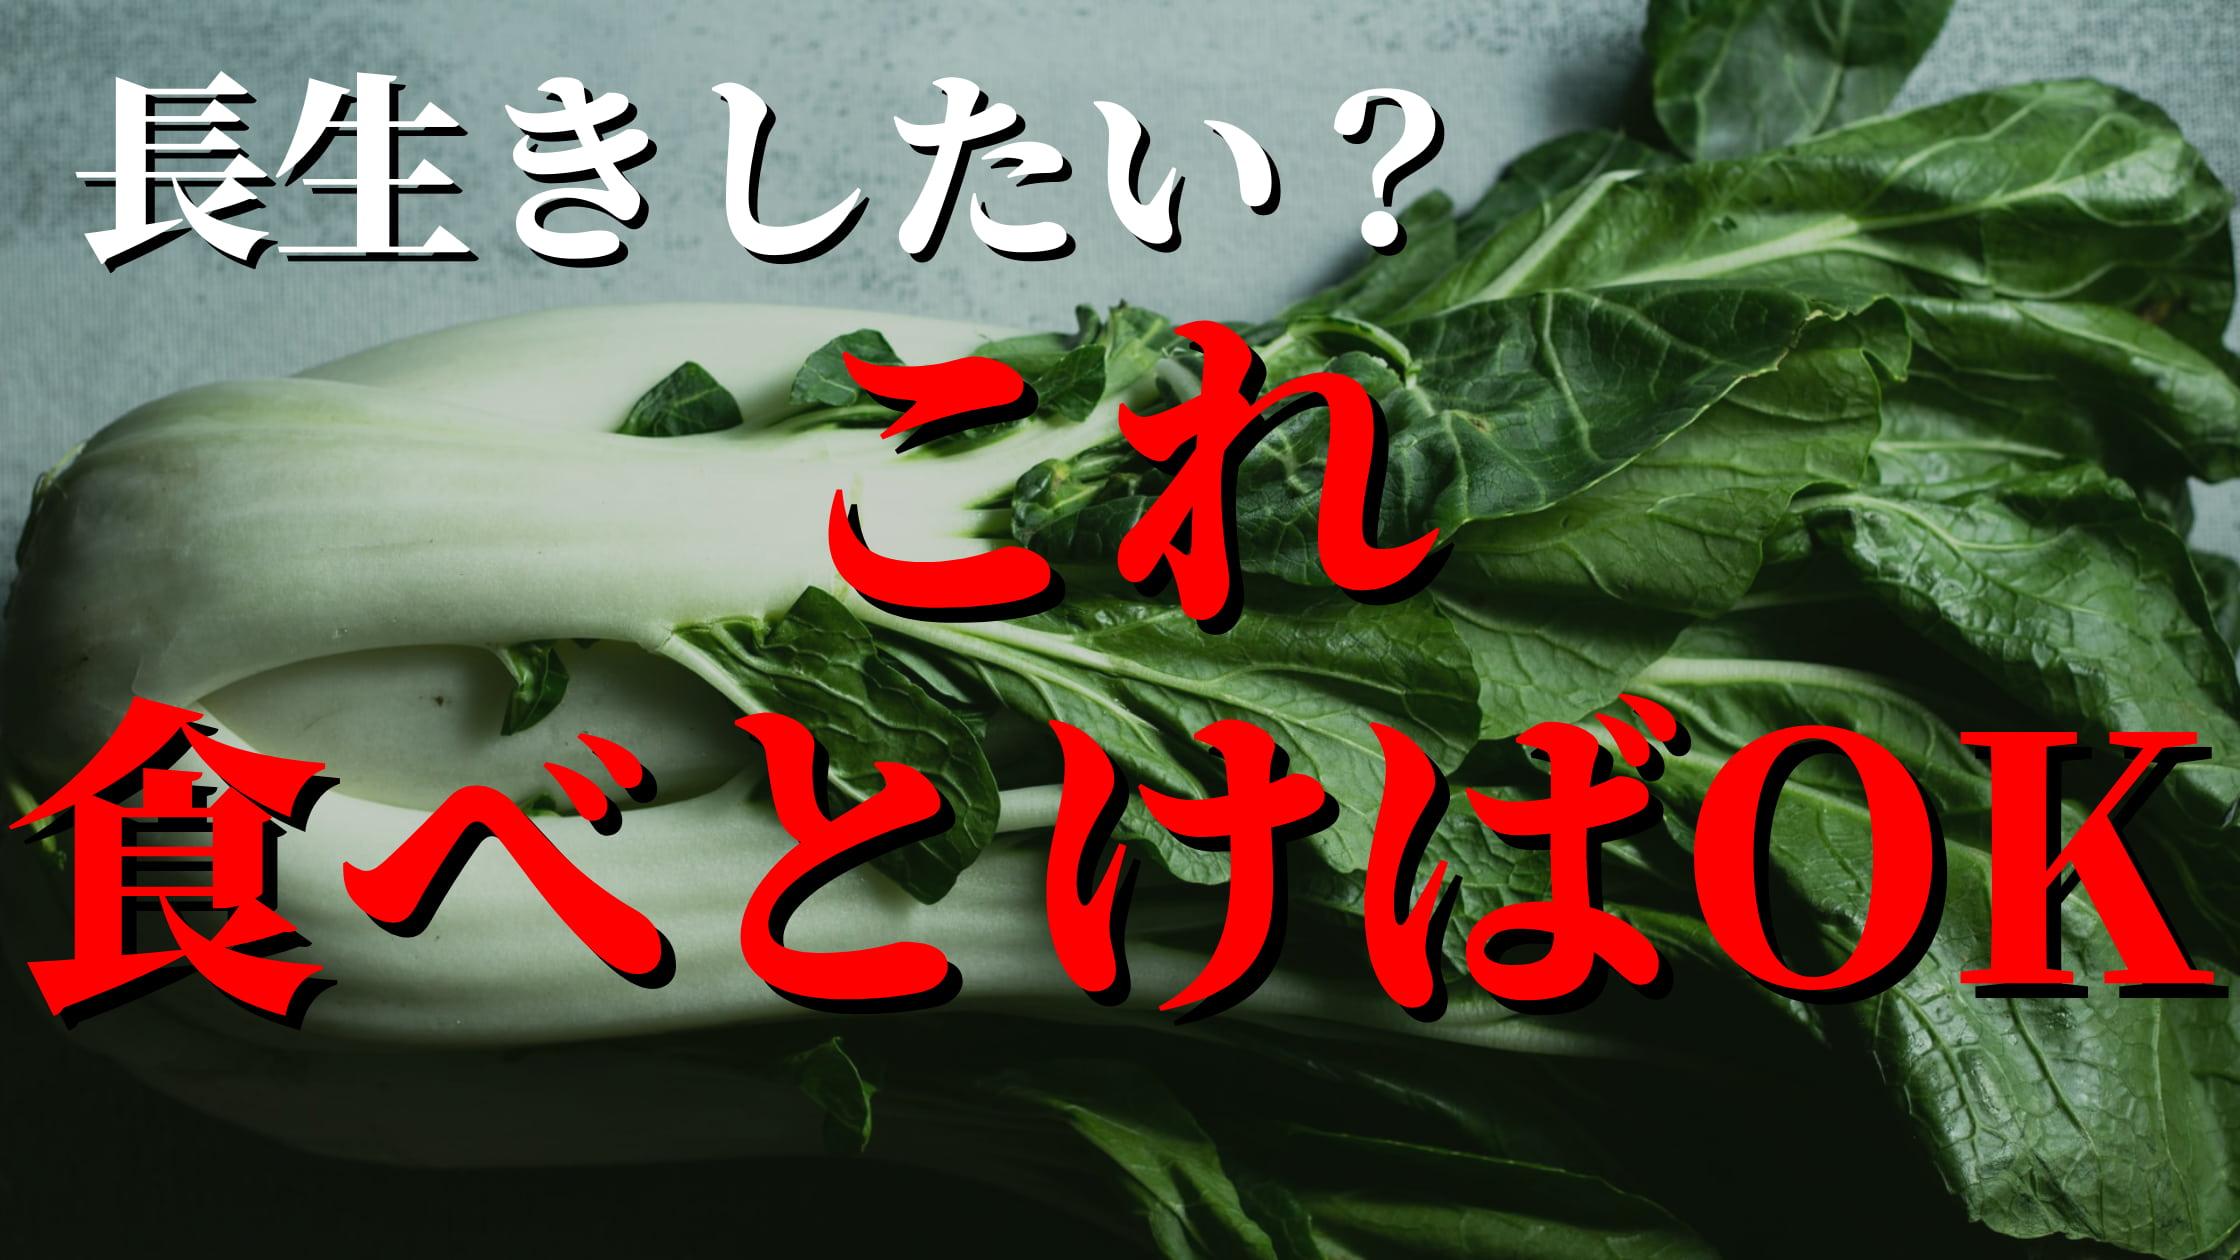 【25%死亡率低下】長生きしたけりゃ緑の葉物野菜を食べよう!というお話。